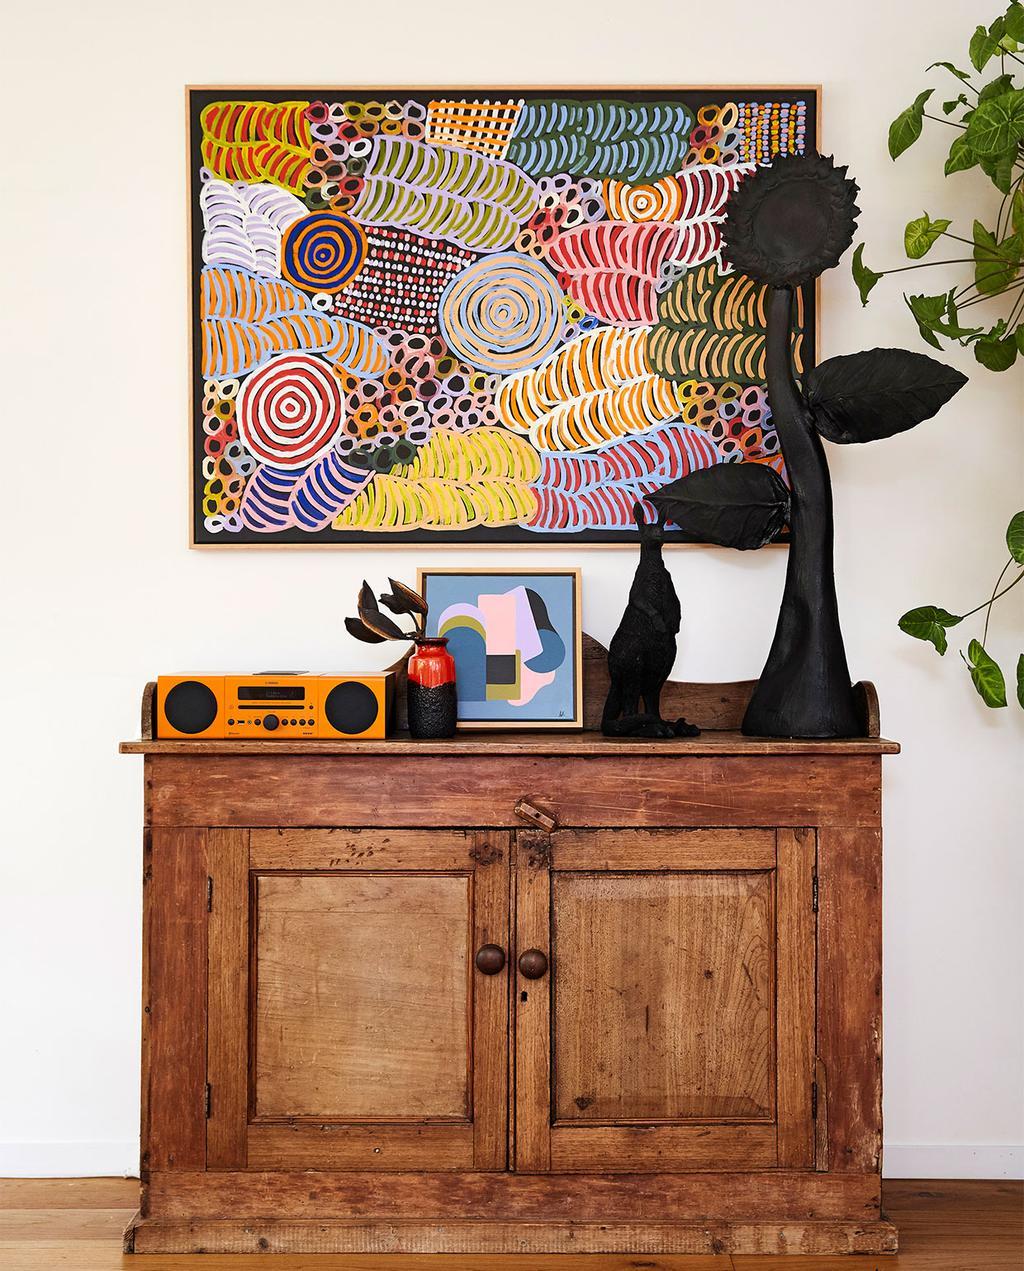 vtwonen binnenkijk special zomerhuizen 07-2021 | houten kast met een kleurrijk kunstwerk, en zwarte ornamenten op de kast